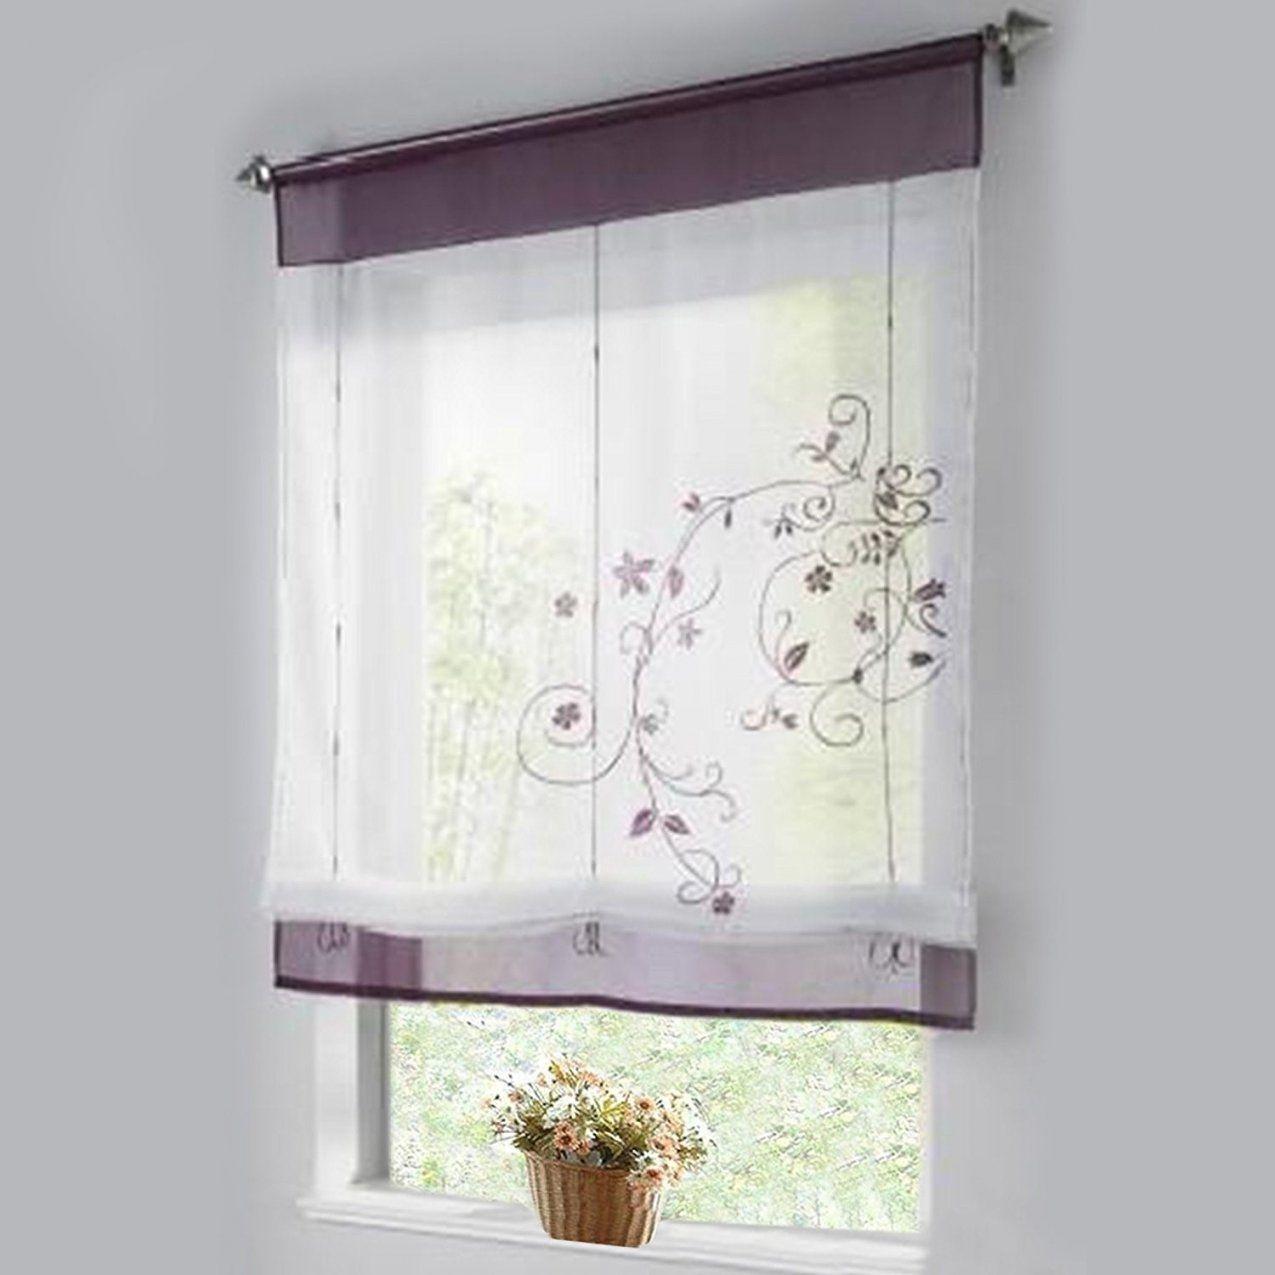 gardinen neu gardine 70 cm breit senrollo 70 cm breit raffrollo von gardinen 70 cm breit bild. Black Bedroom Furniture Sets. Home Design Ideas